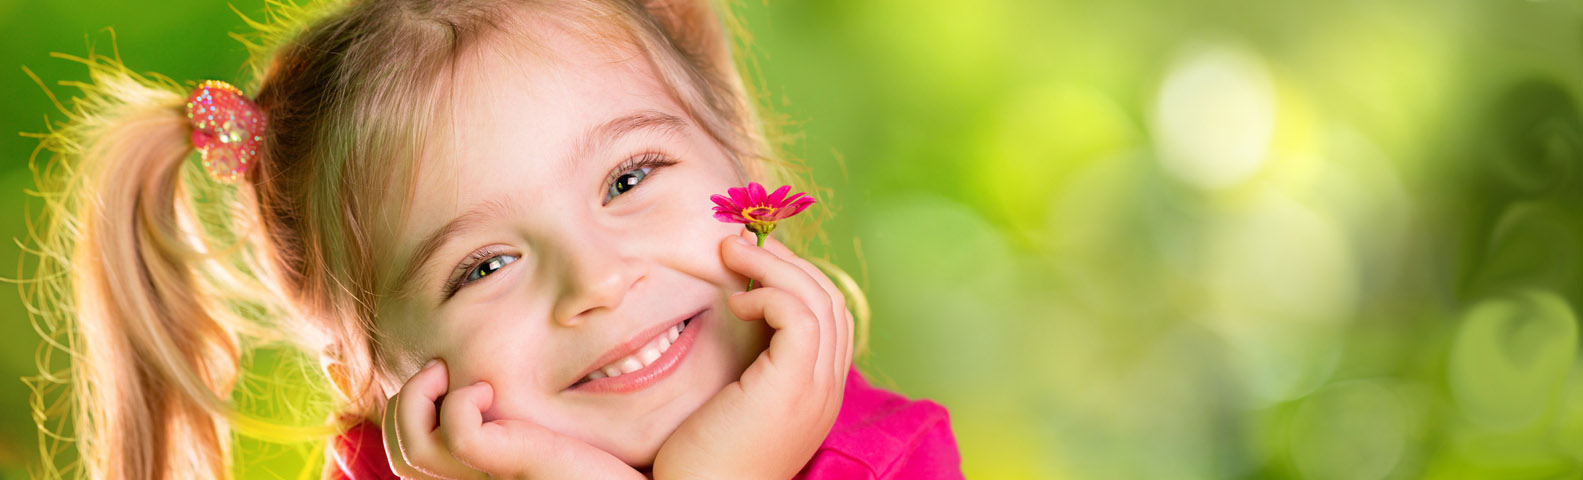 psicoterapia-breve-psicologo-infantil